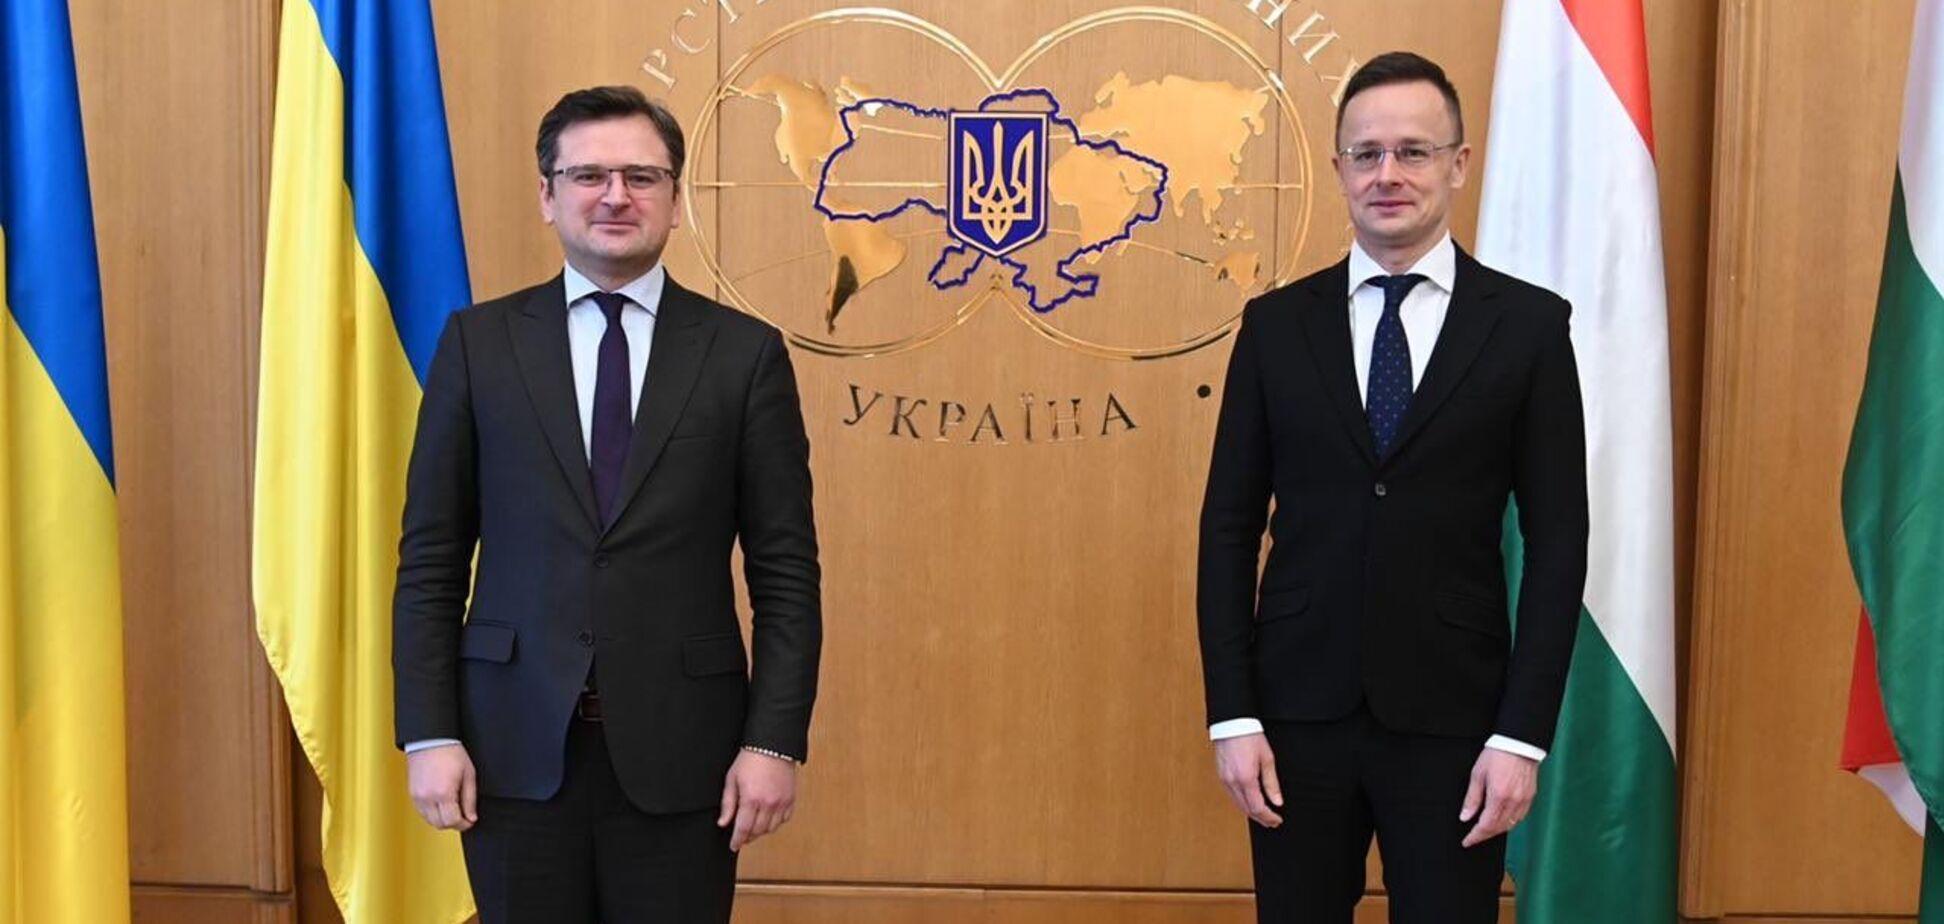 Угорщина пішла назустріч Україні в мовному конфлікті